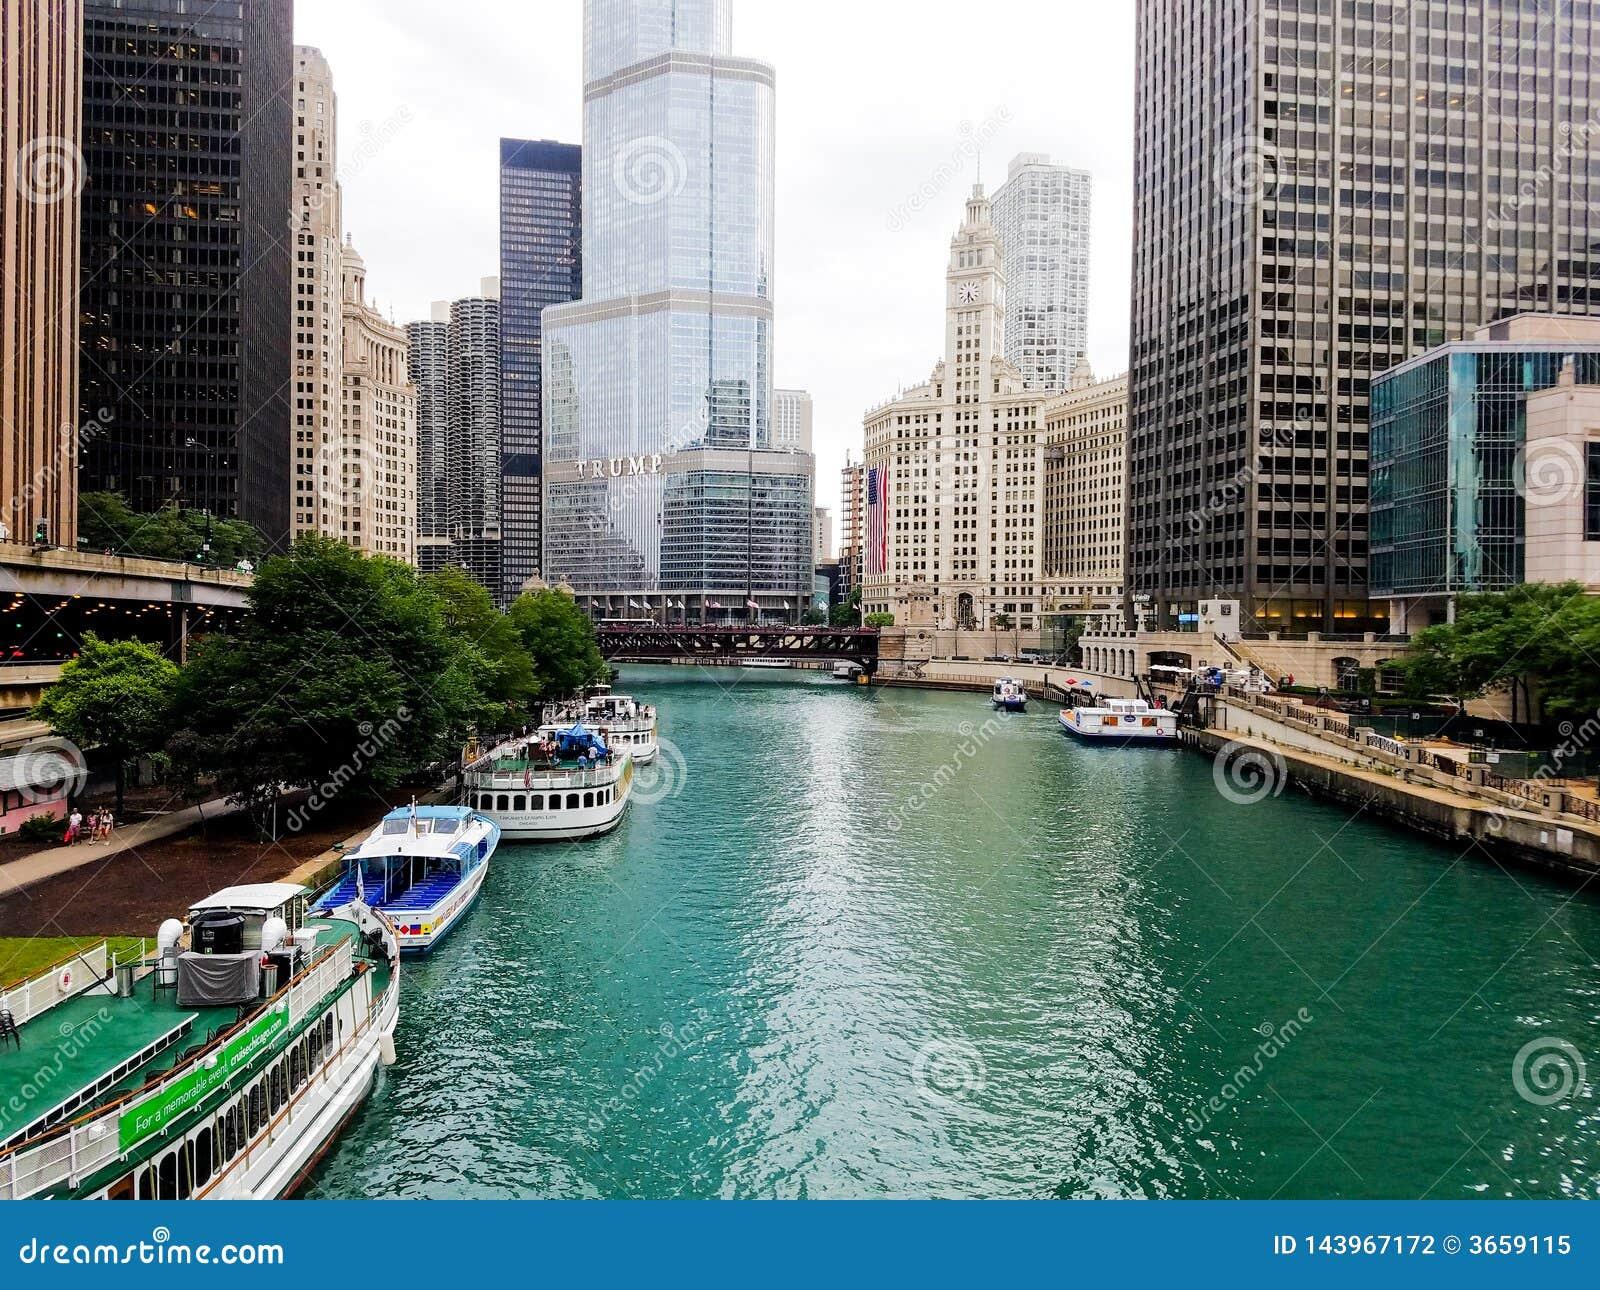 Chicago, Illinois, USA 07 05 2018 Trumpf-Turm, Wrigley-Gebäude mit großer Flagge, Flussufergegend 4. Juli Woche